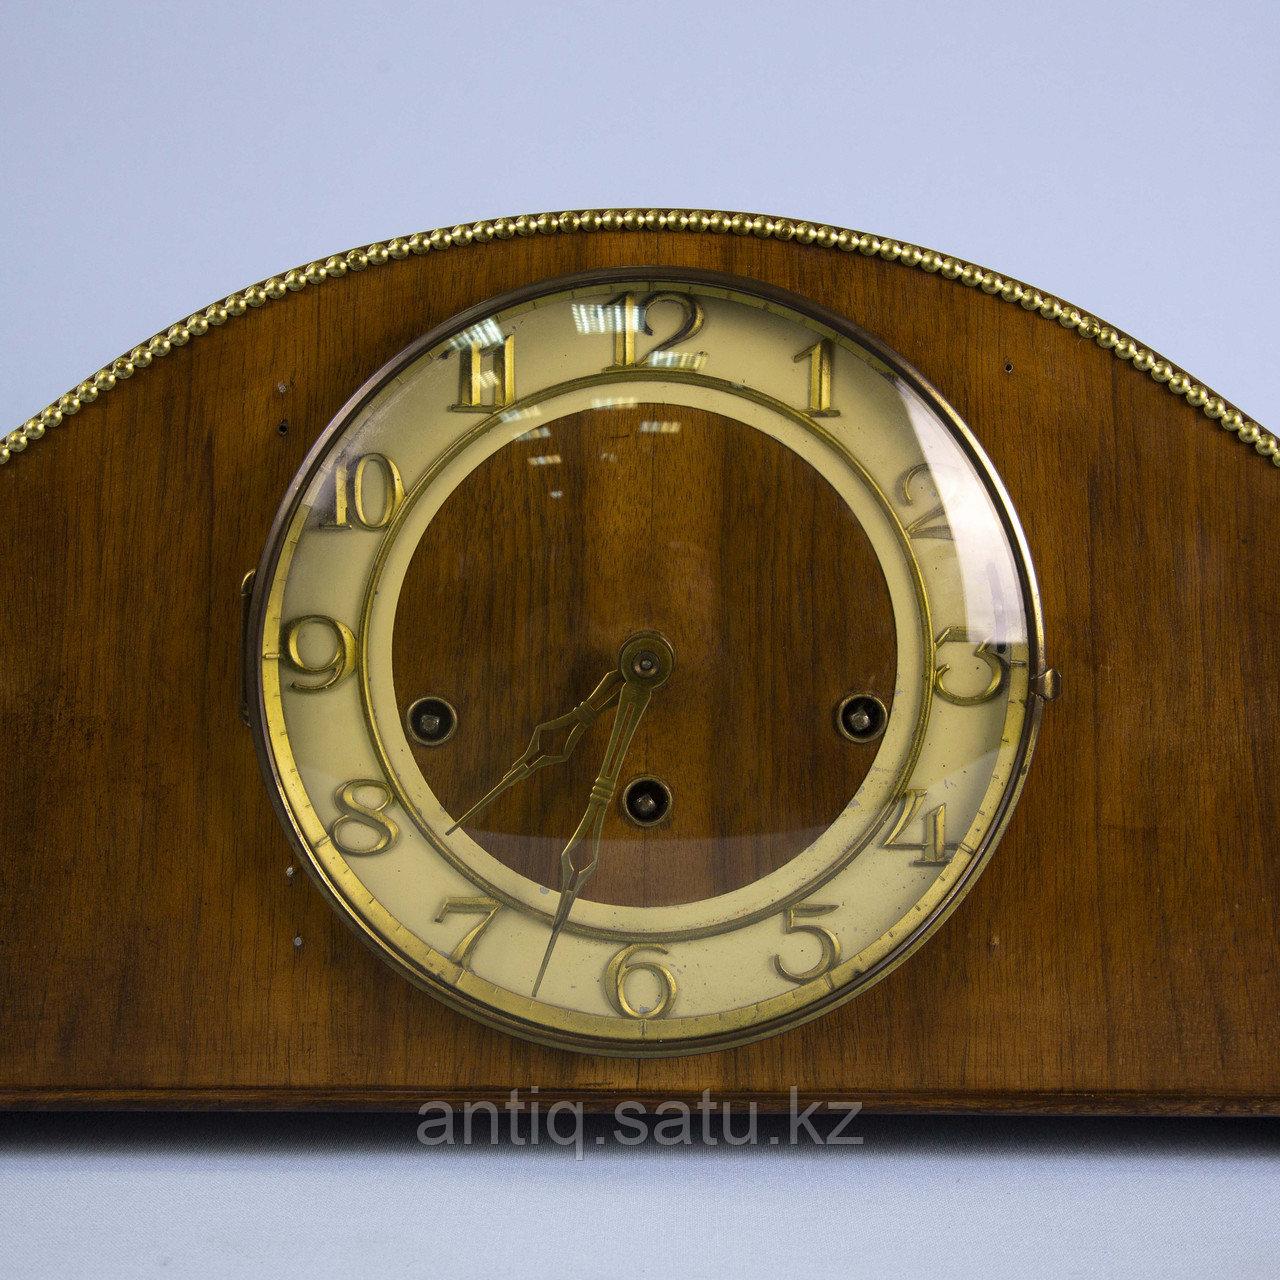 Настольные часы с Вестминстерским боем. Германия. Середина ХХ века. Массив ореха. - фото 3